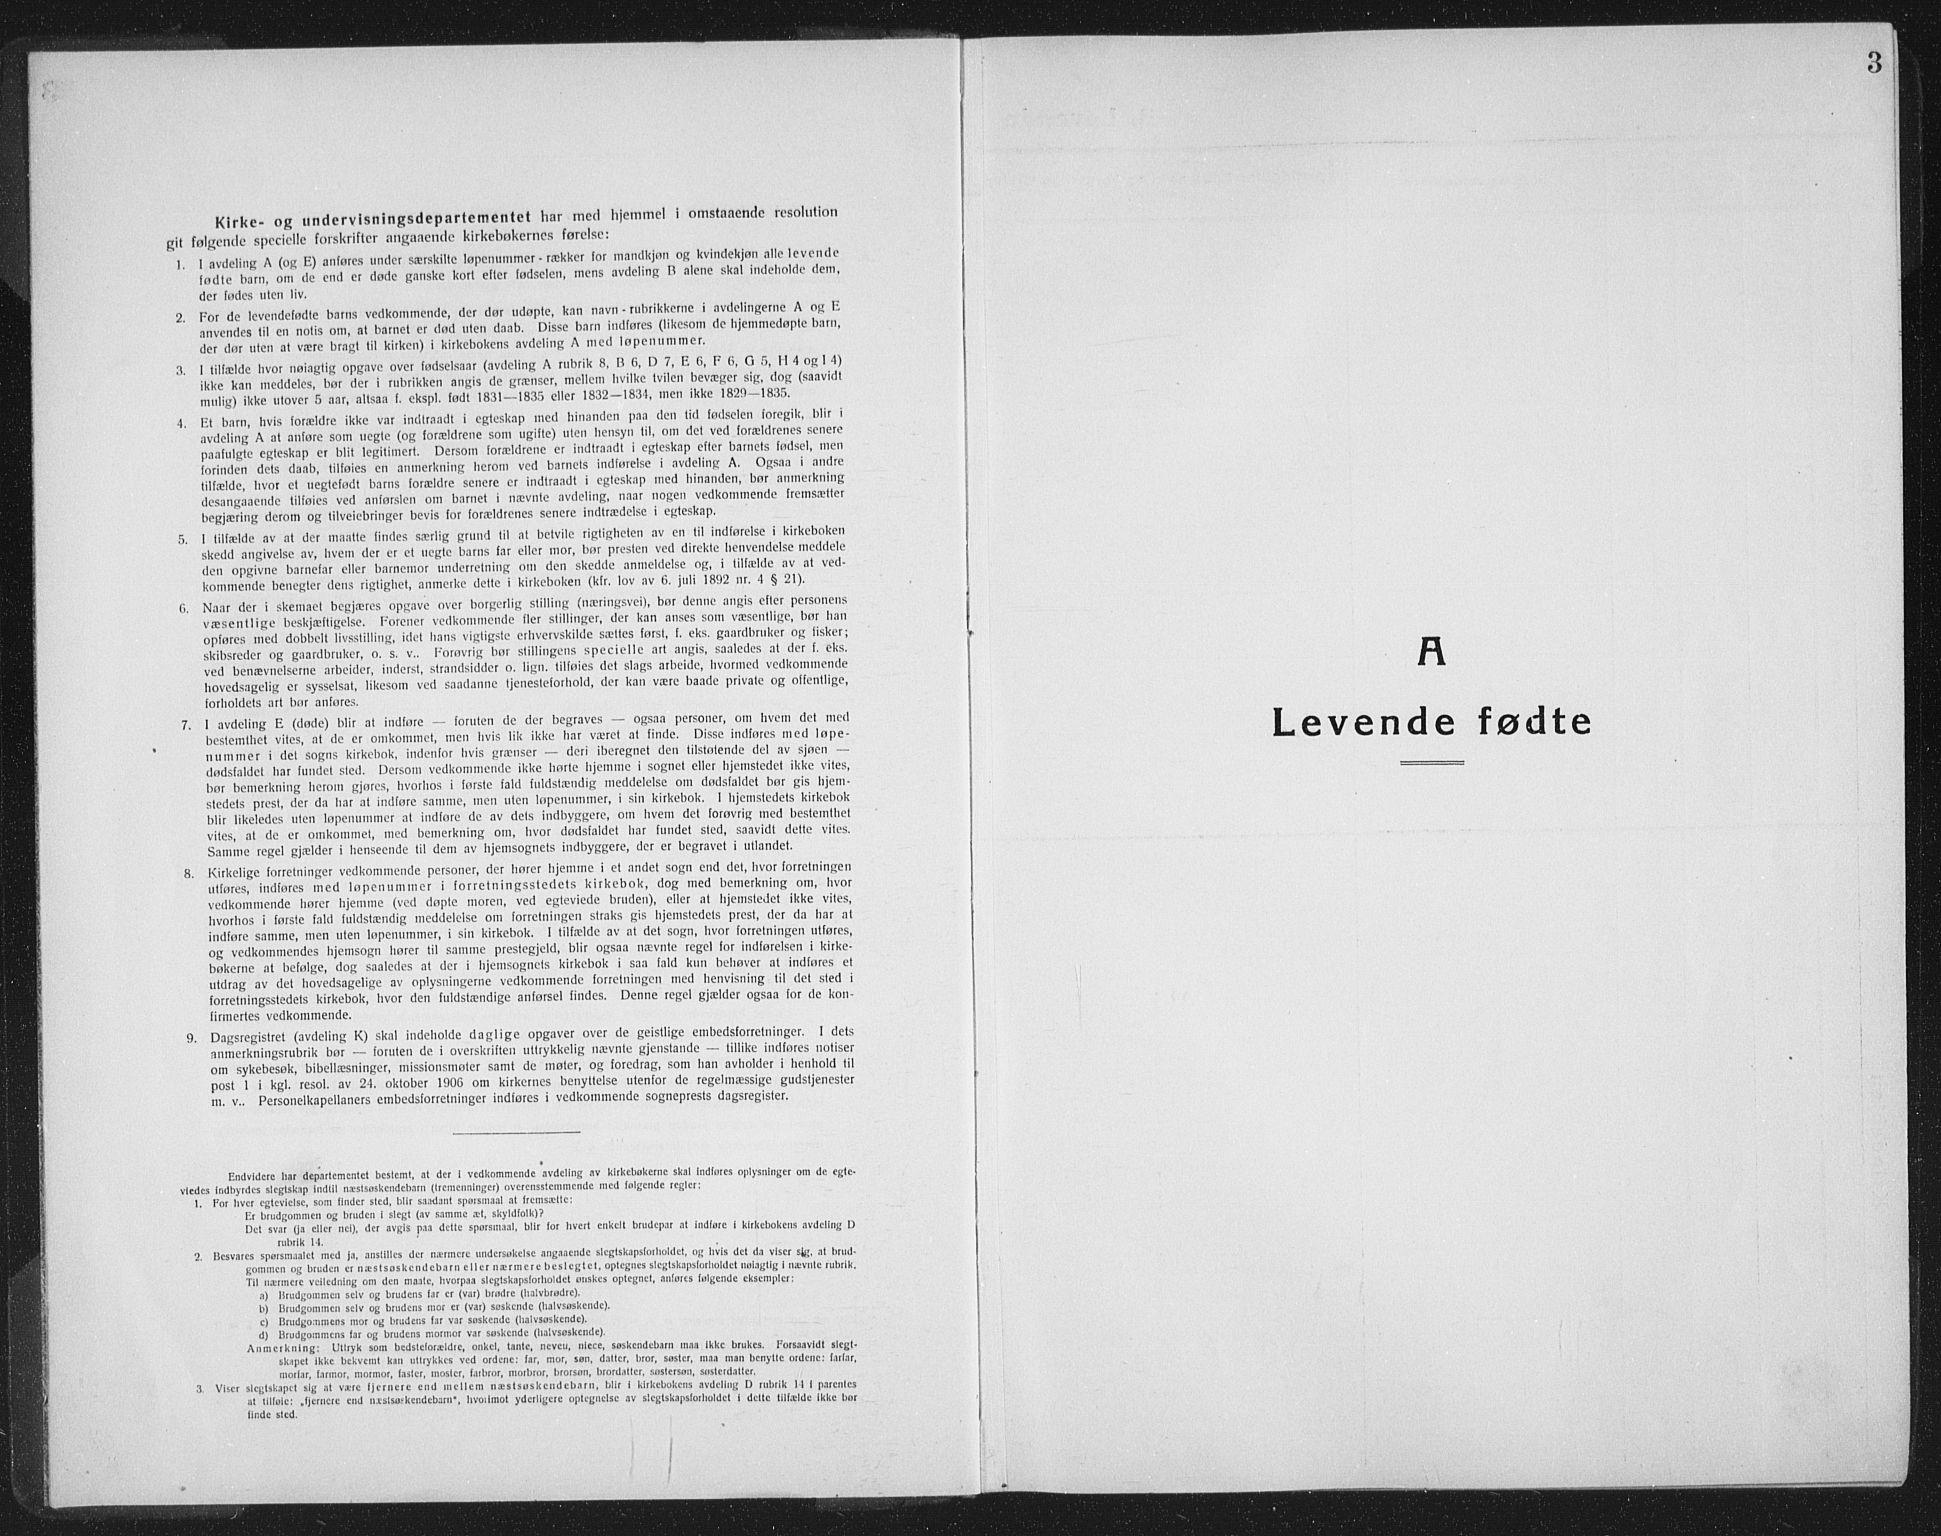 SAT, Ministerialprotokoller, klokkerbøker og fødselsregistre - Sør-Trøndelag, 665/L0778: Klokkerbok nr. 665C03, 1916-1938, s. 3